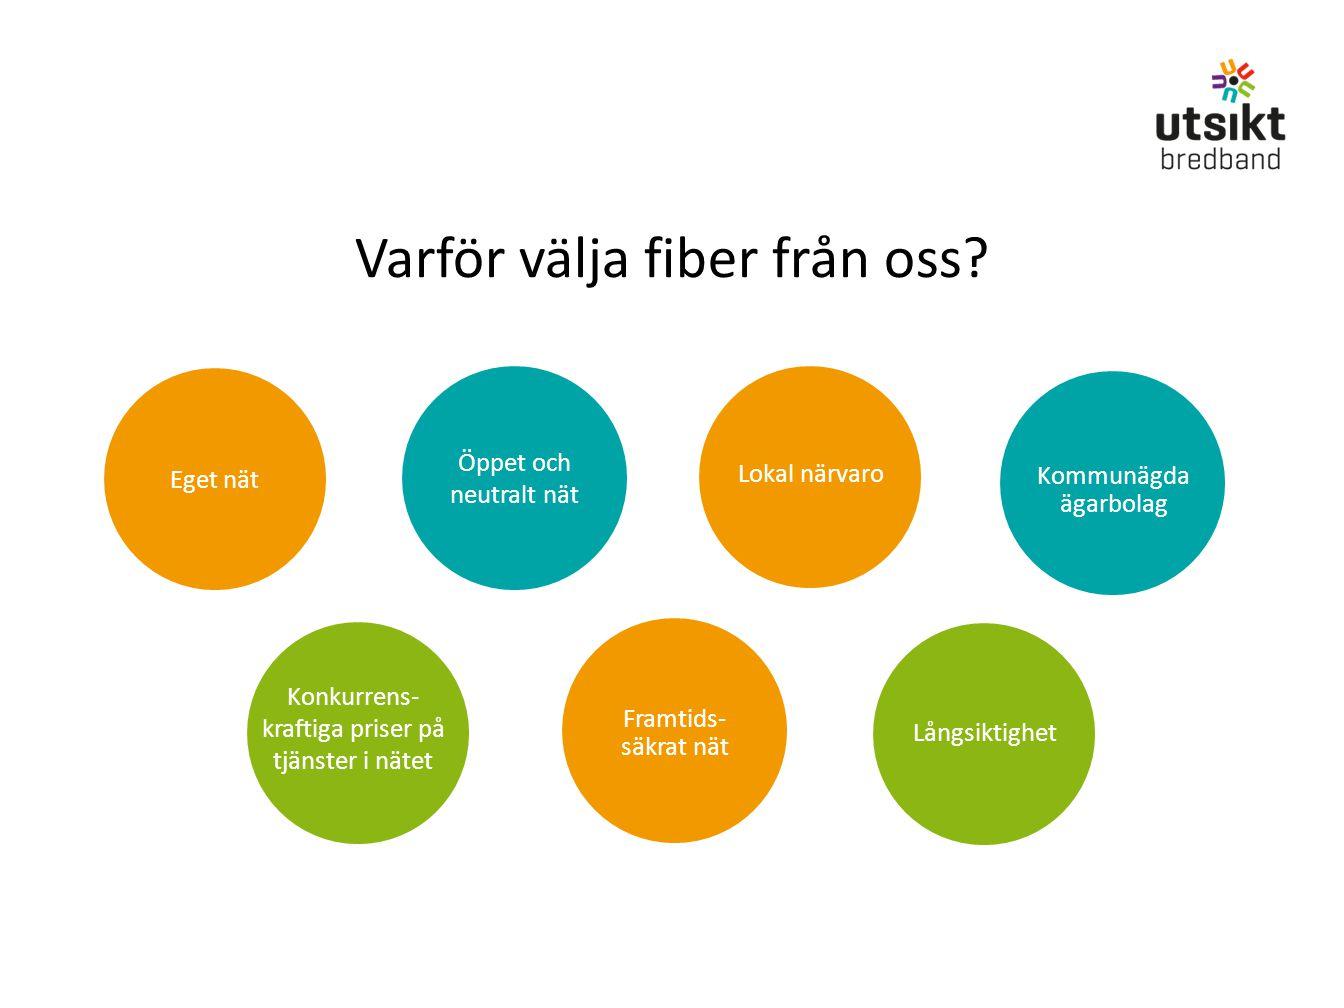 Varför välja fiber från oss? Långsiktighet Lokal närvaro Kommunägda ägarbolag Konkurrens- kraftiga priser på tjänster i nätet Framtids- säkrat nät Öpp